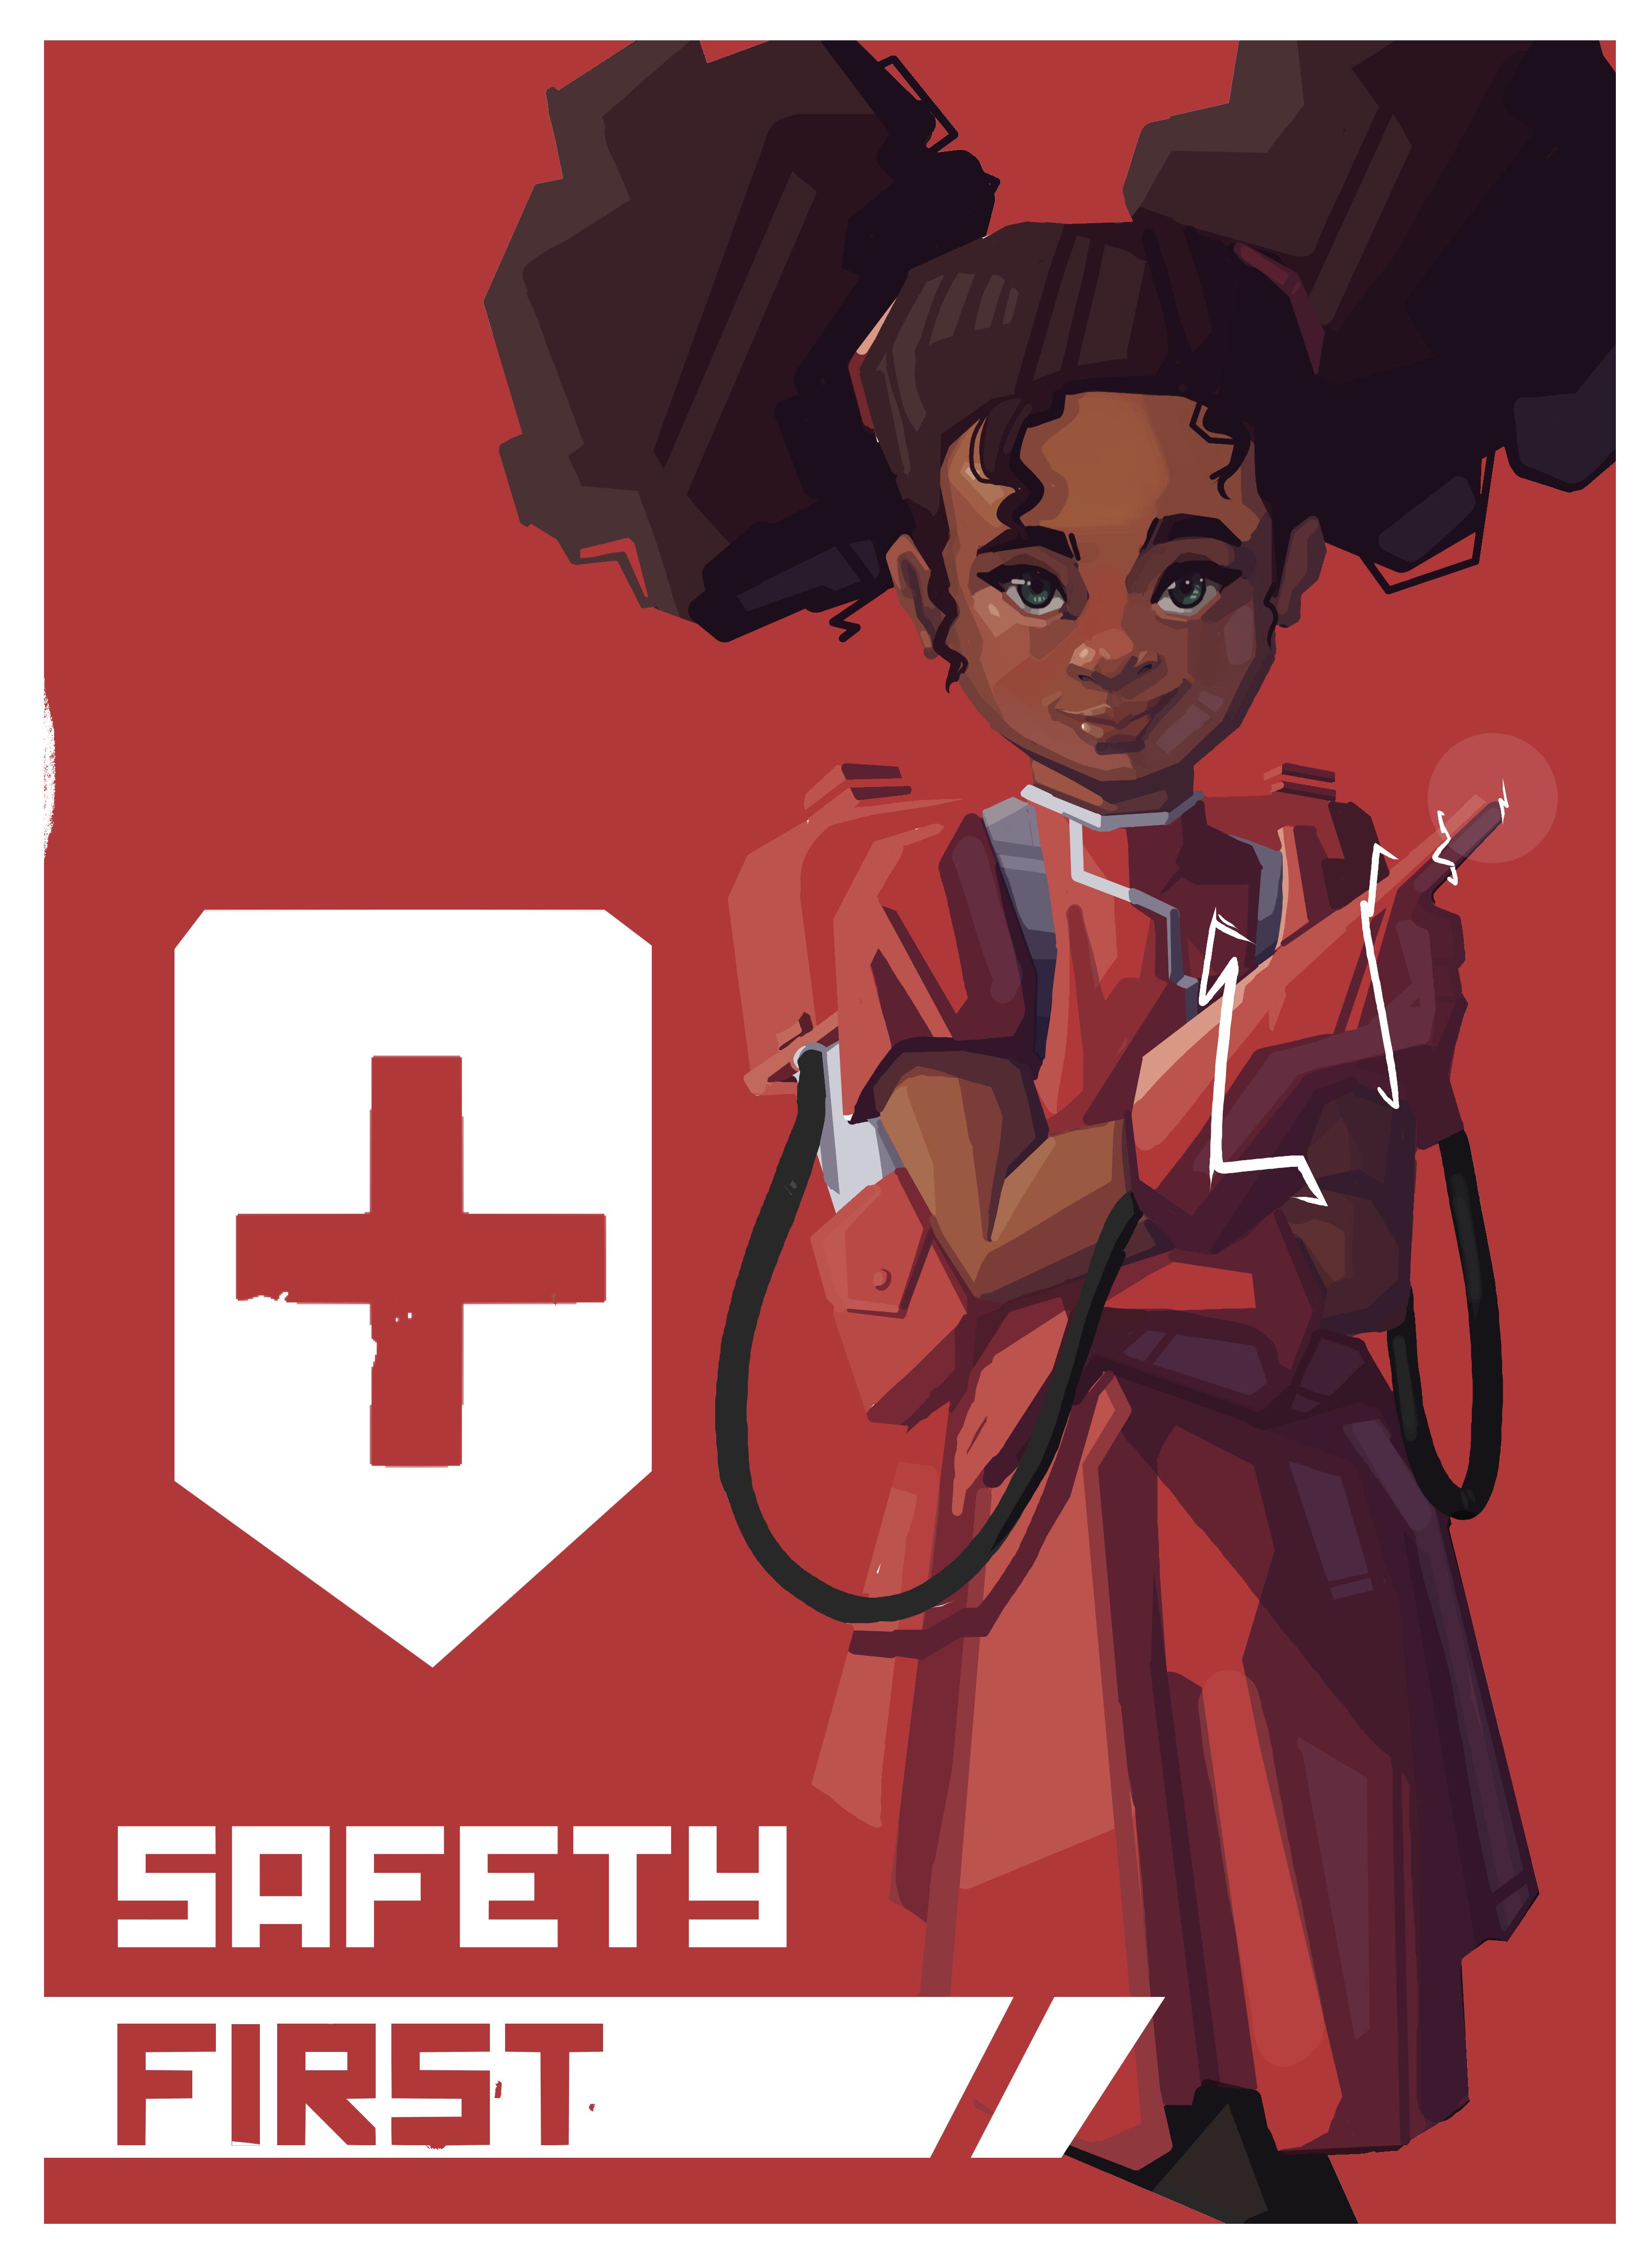 Safety Bafety